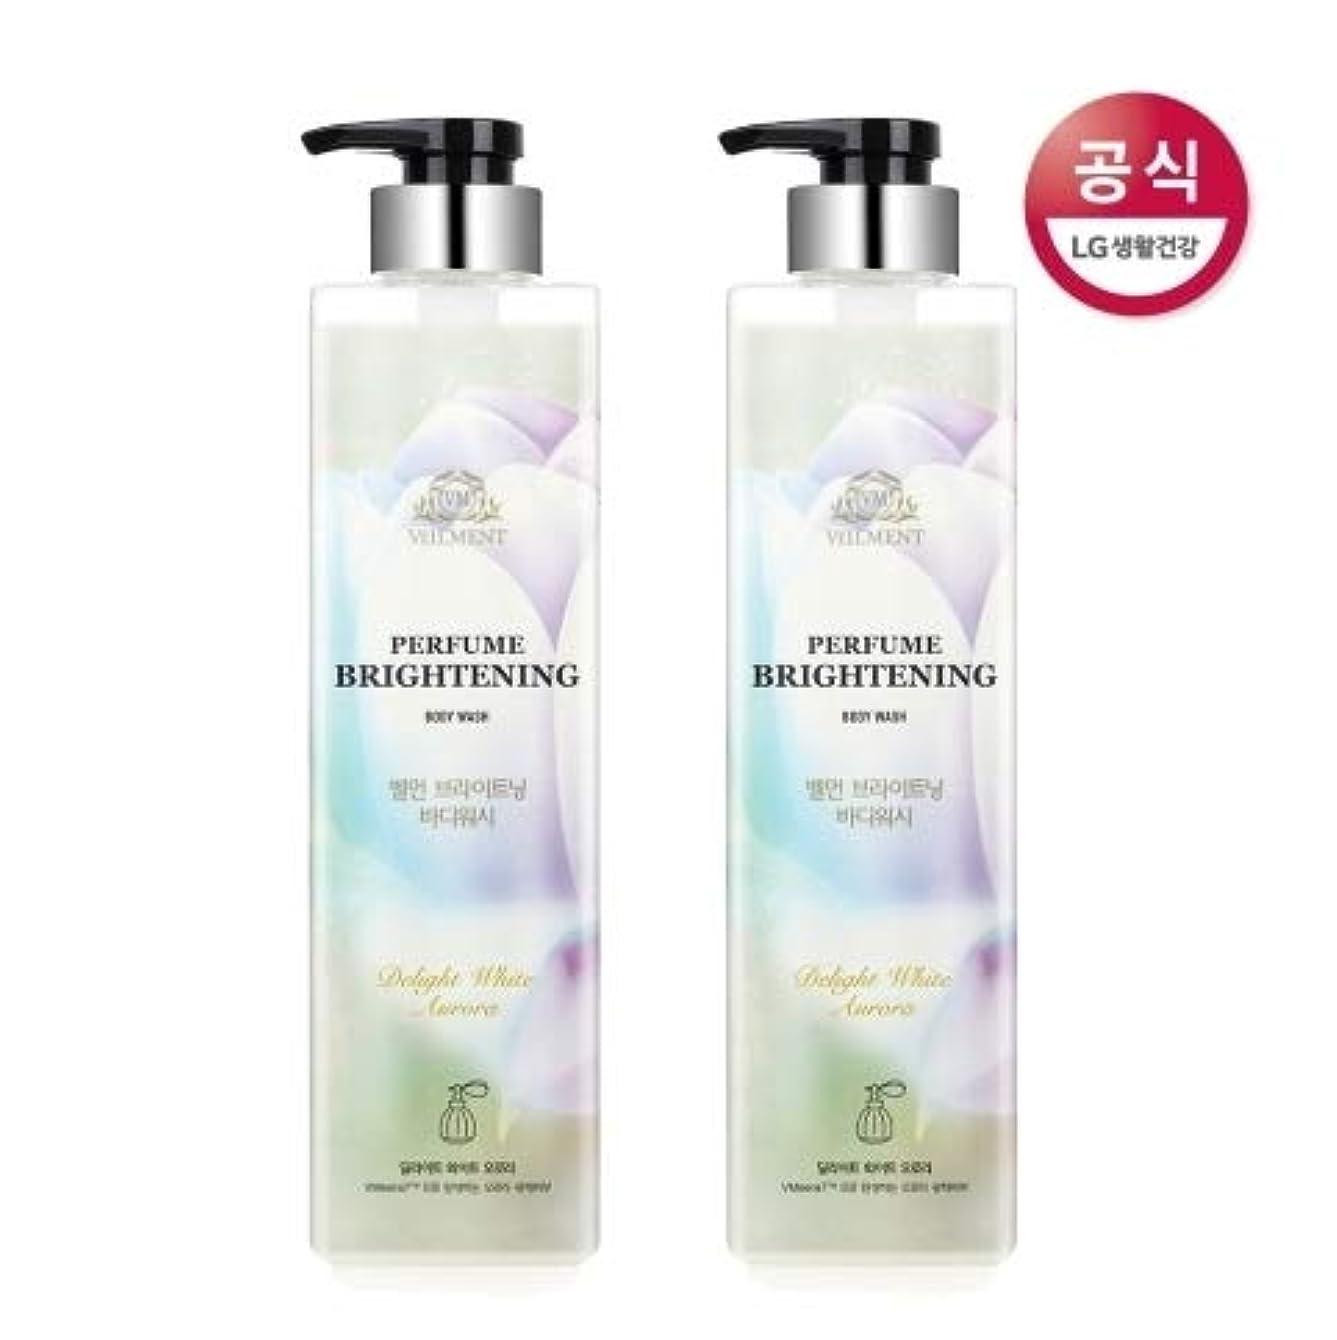 ワイド荒廃するあさり[LG HnB] On the Body Belman Perfume Brightening Body Wash / オンザボディベルモンパフュームブライトニングボディウォッシュ680mlx2個(海外直送品)